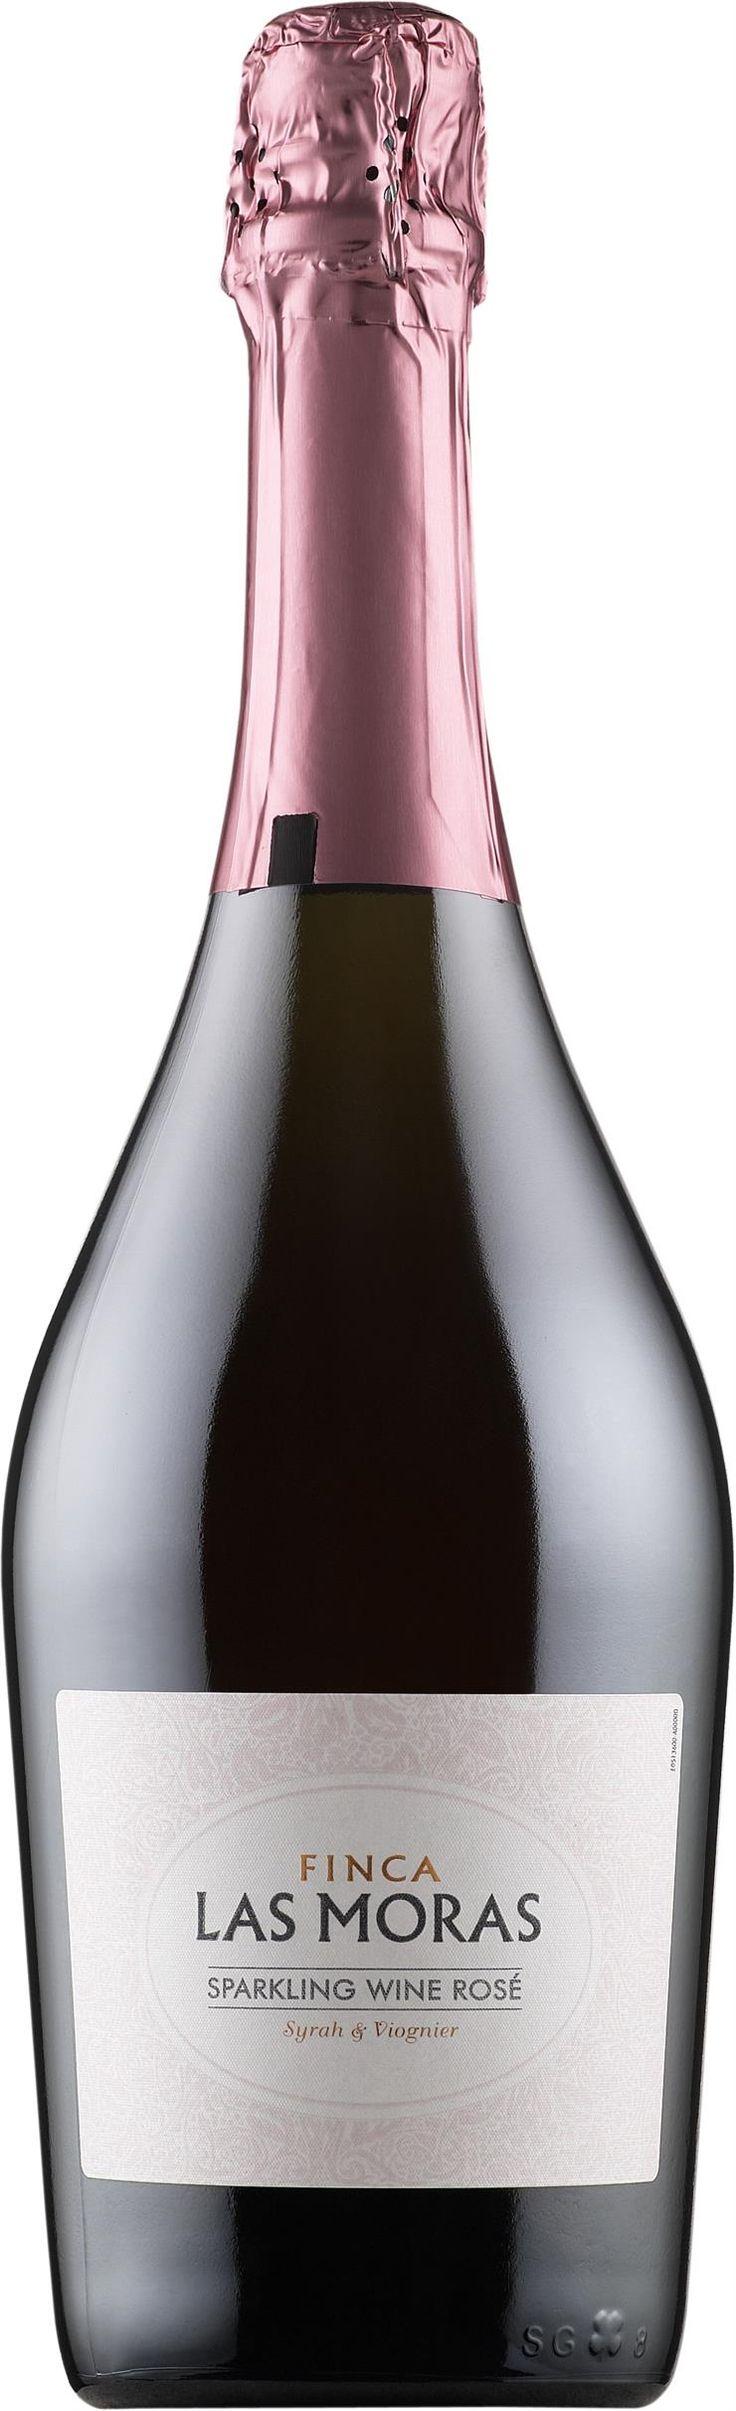 Finca Las Moras Rosé Syrah Viognier. Argentina: Syrah, Viognier. 9,99 €. Erittäin kuiva, hapokas, sitruksinen, vadelmainen, kevyen karpaloinen, hennon mausteinen. rosee.